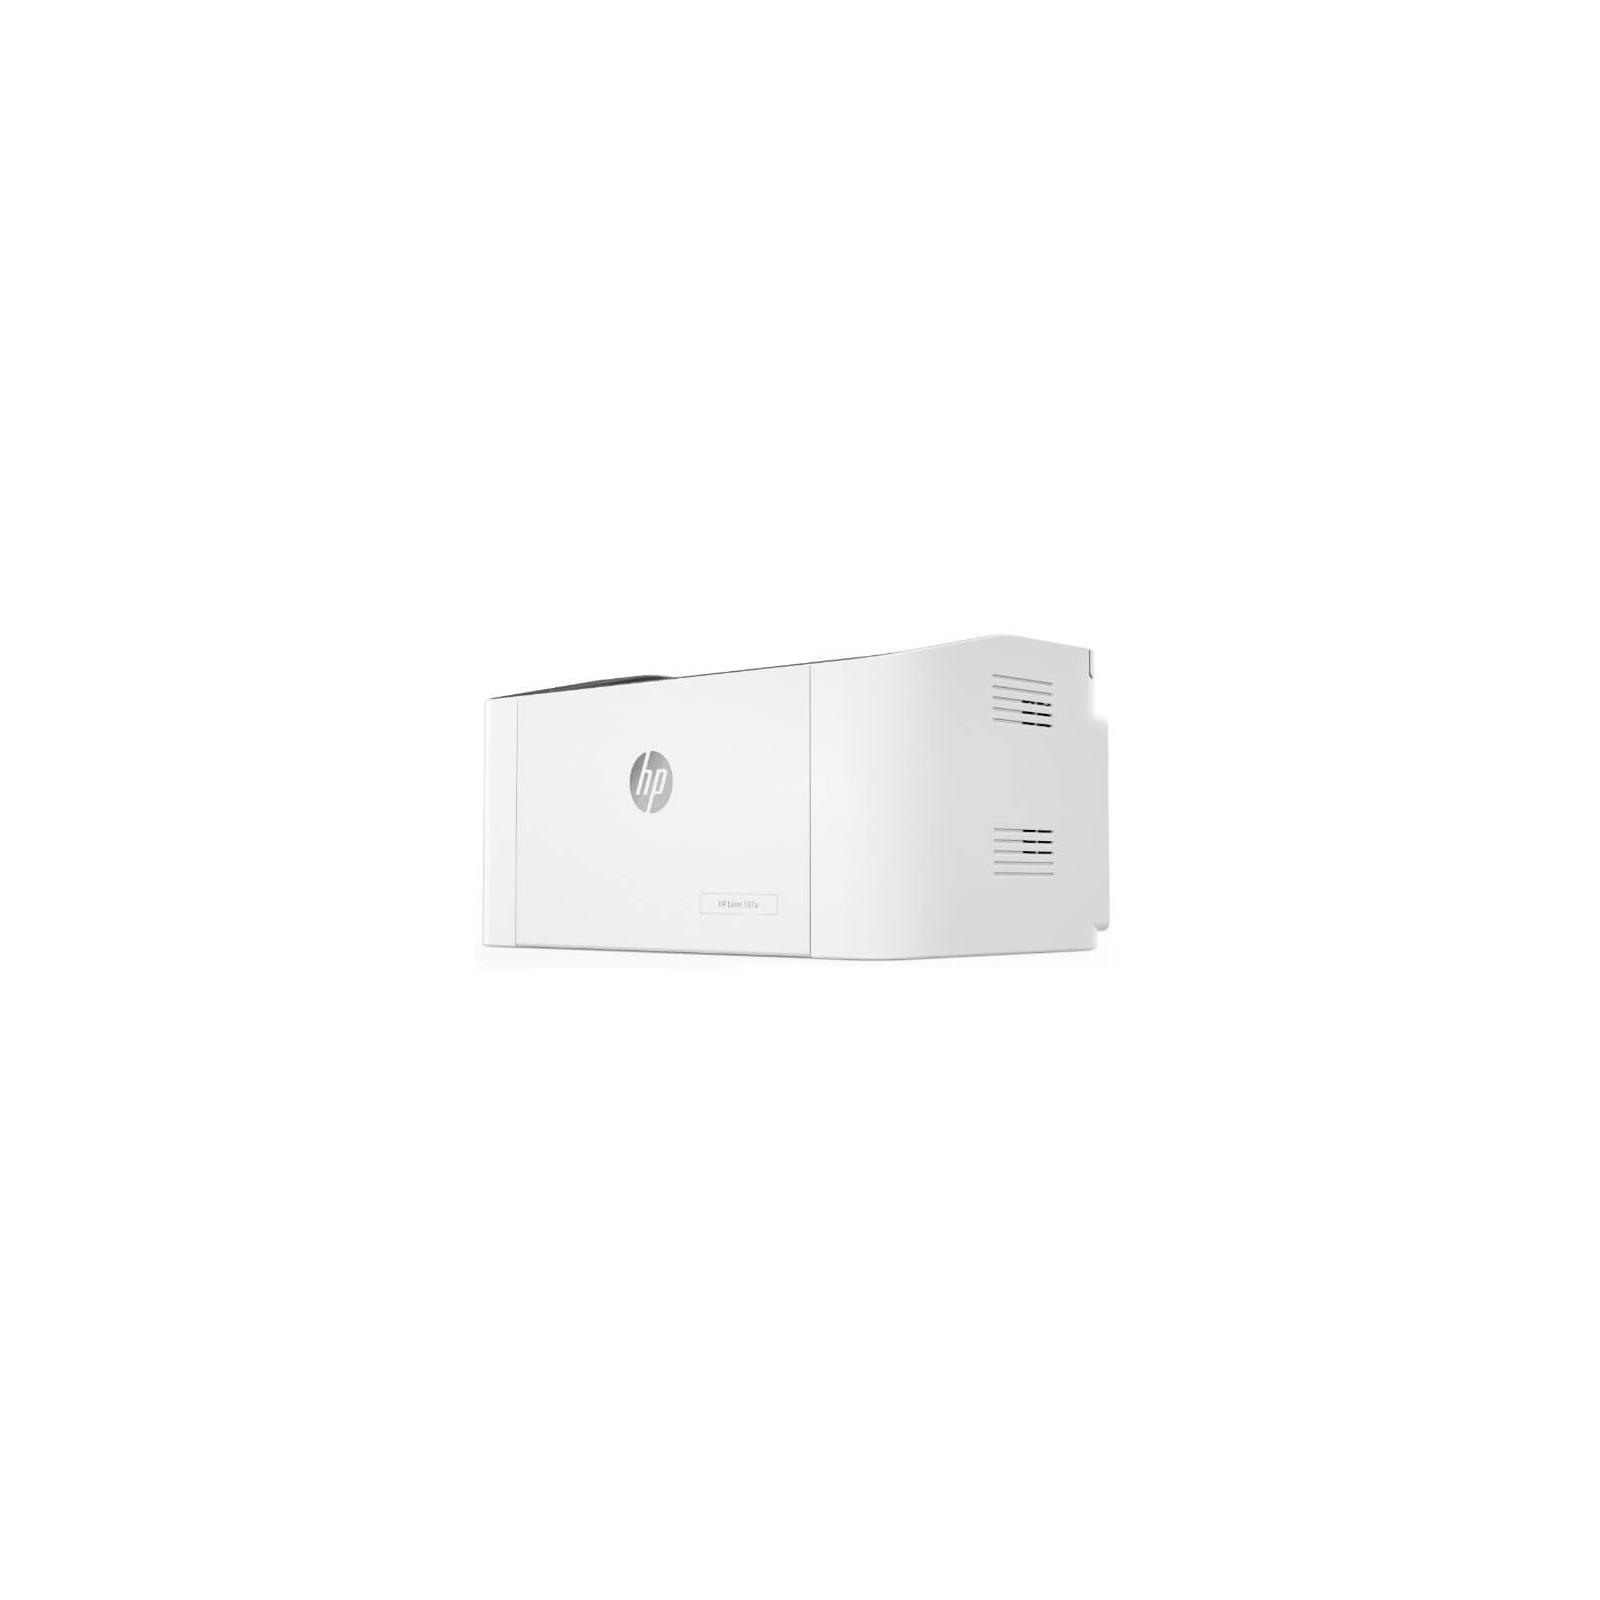 Лазерный принтер HP LaserJet 107a (4ZB77A) изображение 2